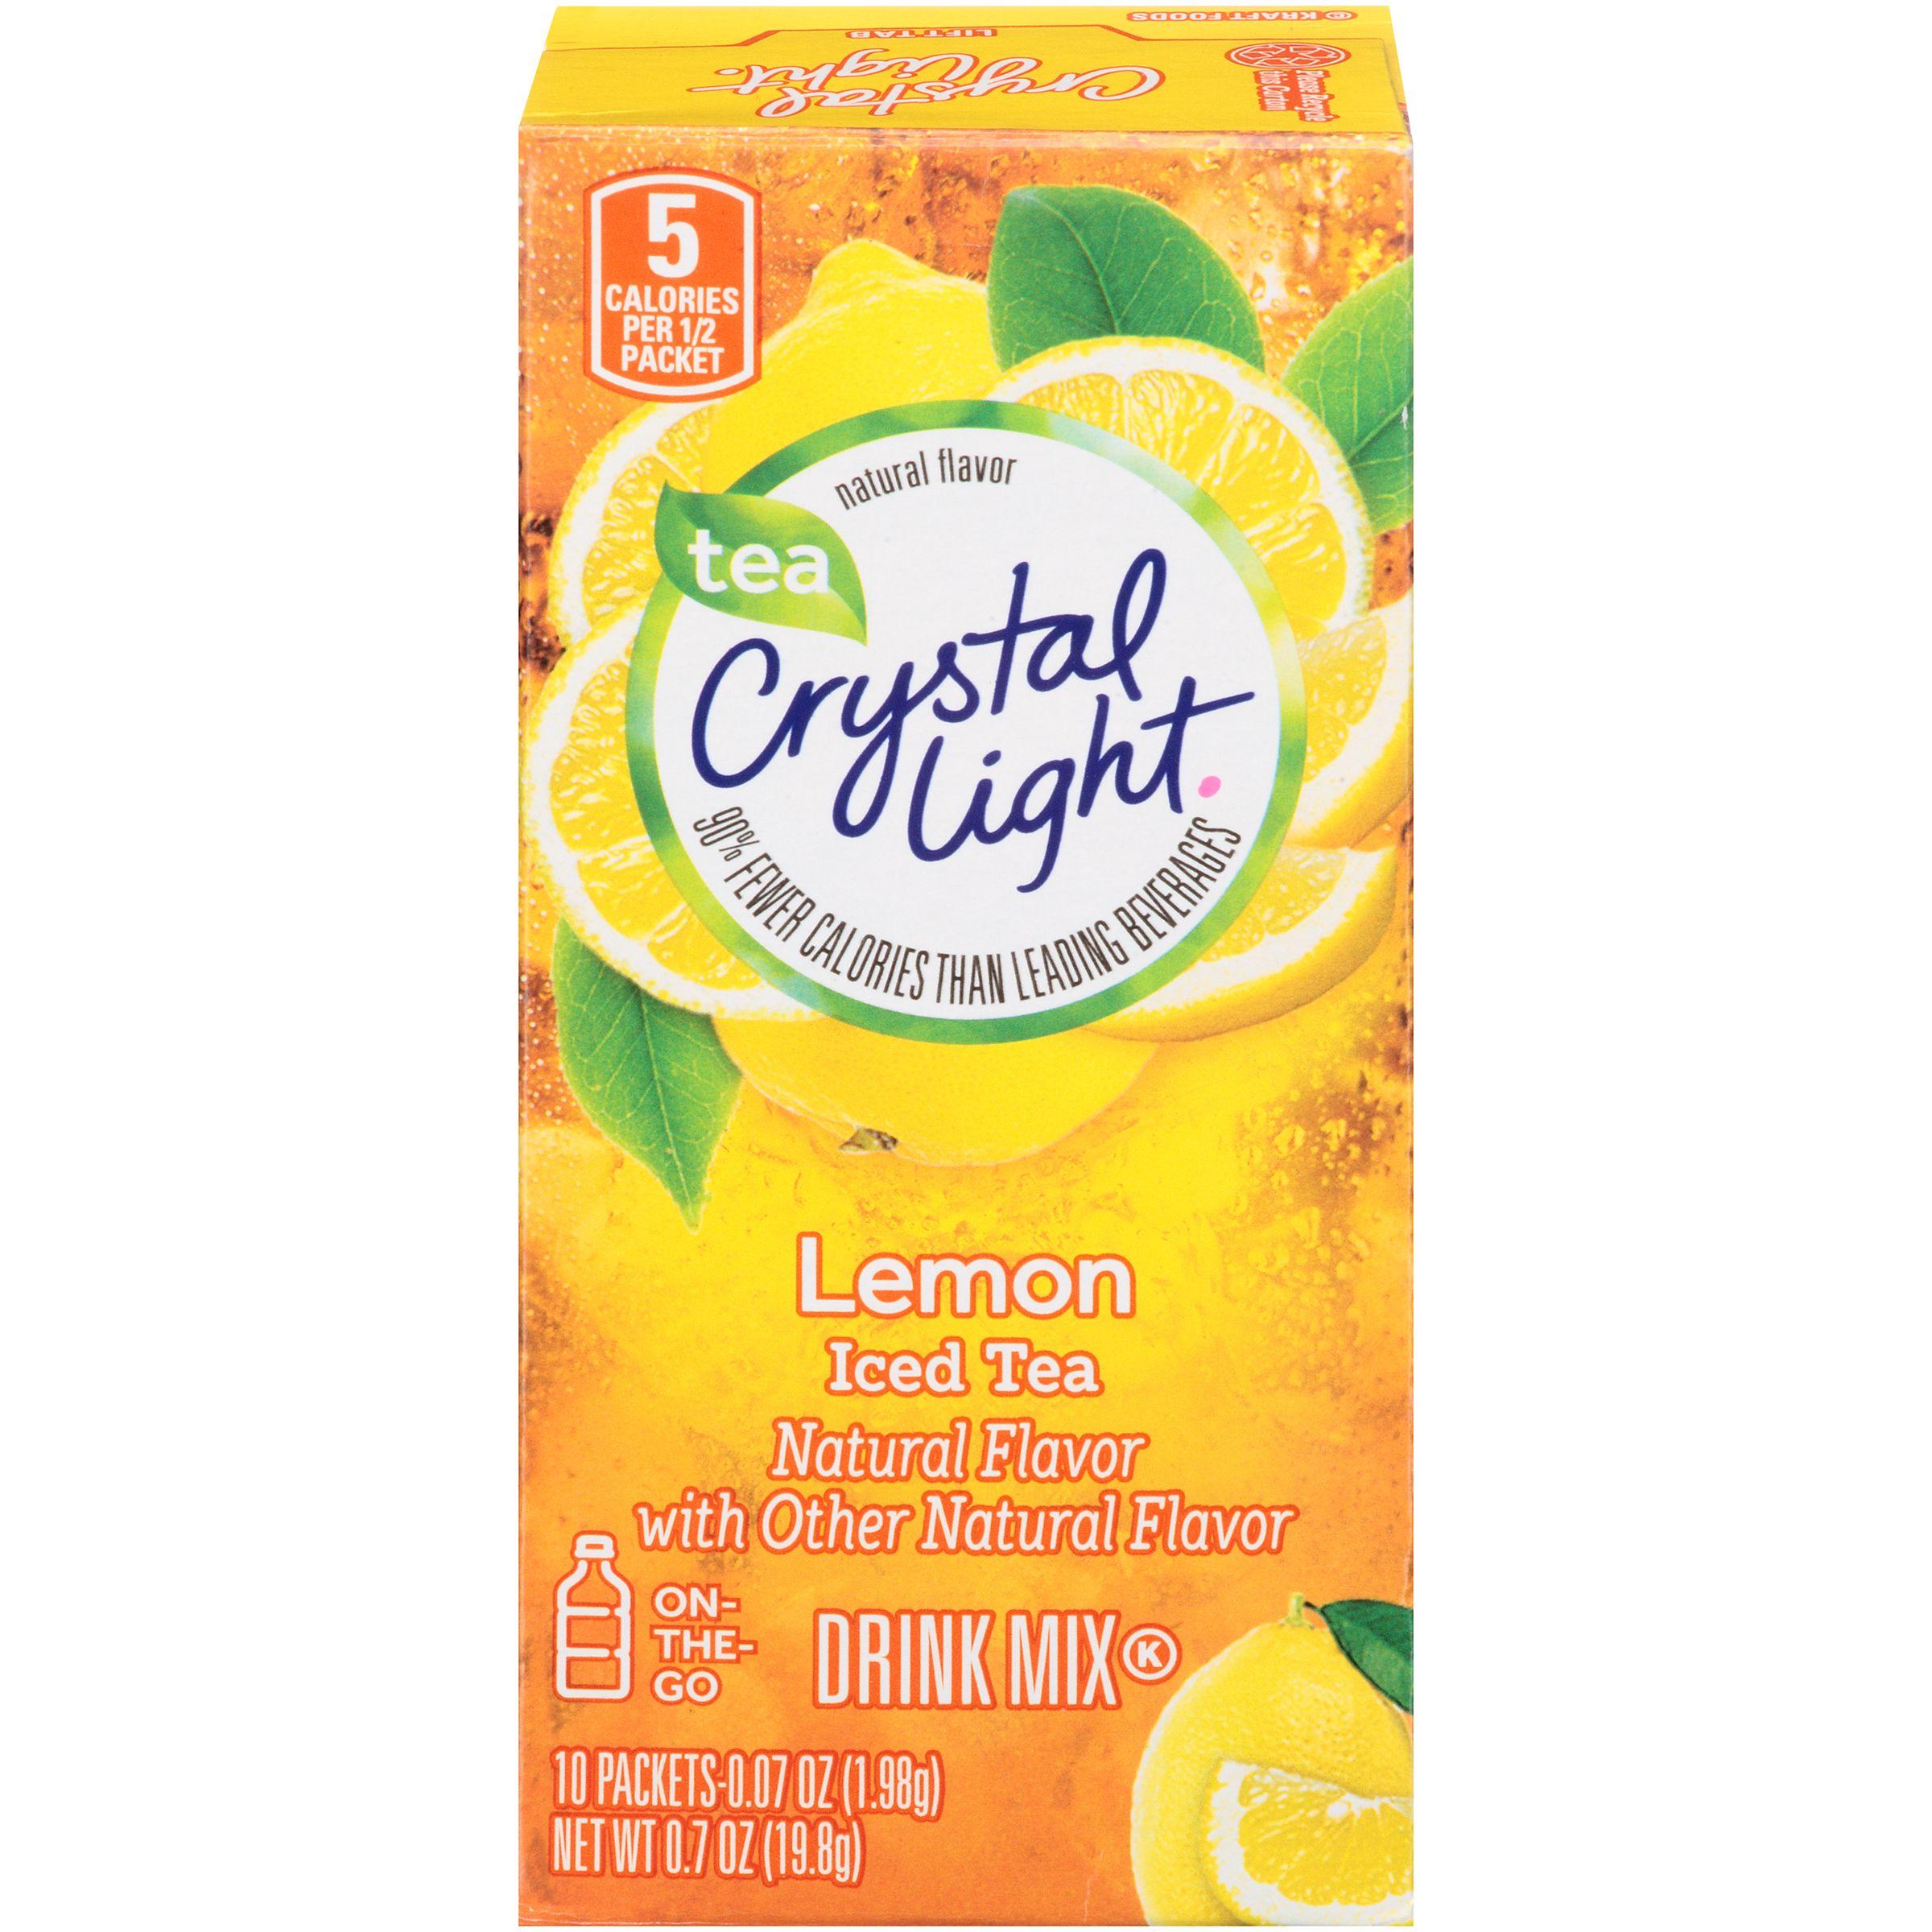 Crystal Light On The Go Drink Mix Iced Tea Natural Lemon 10 0 07 Oz 1 98 G Packets 0 7 Oz 19 8 G Peach Ice Tea Drinking Tea Mixed Drinks